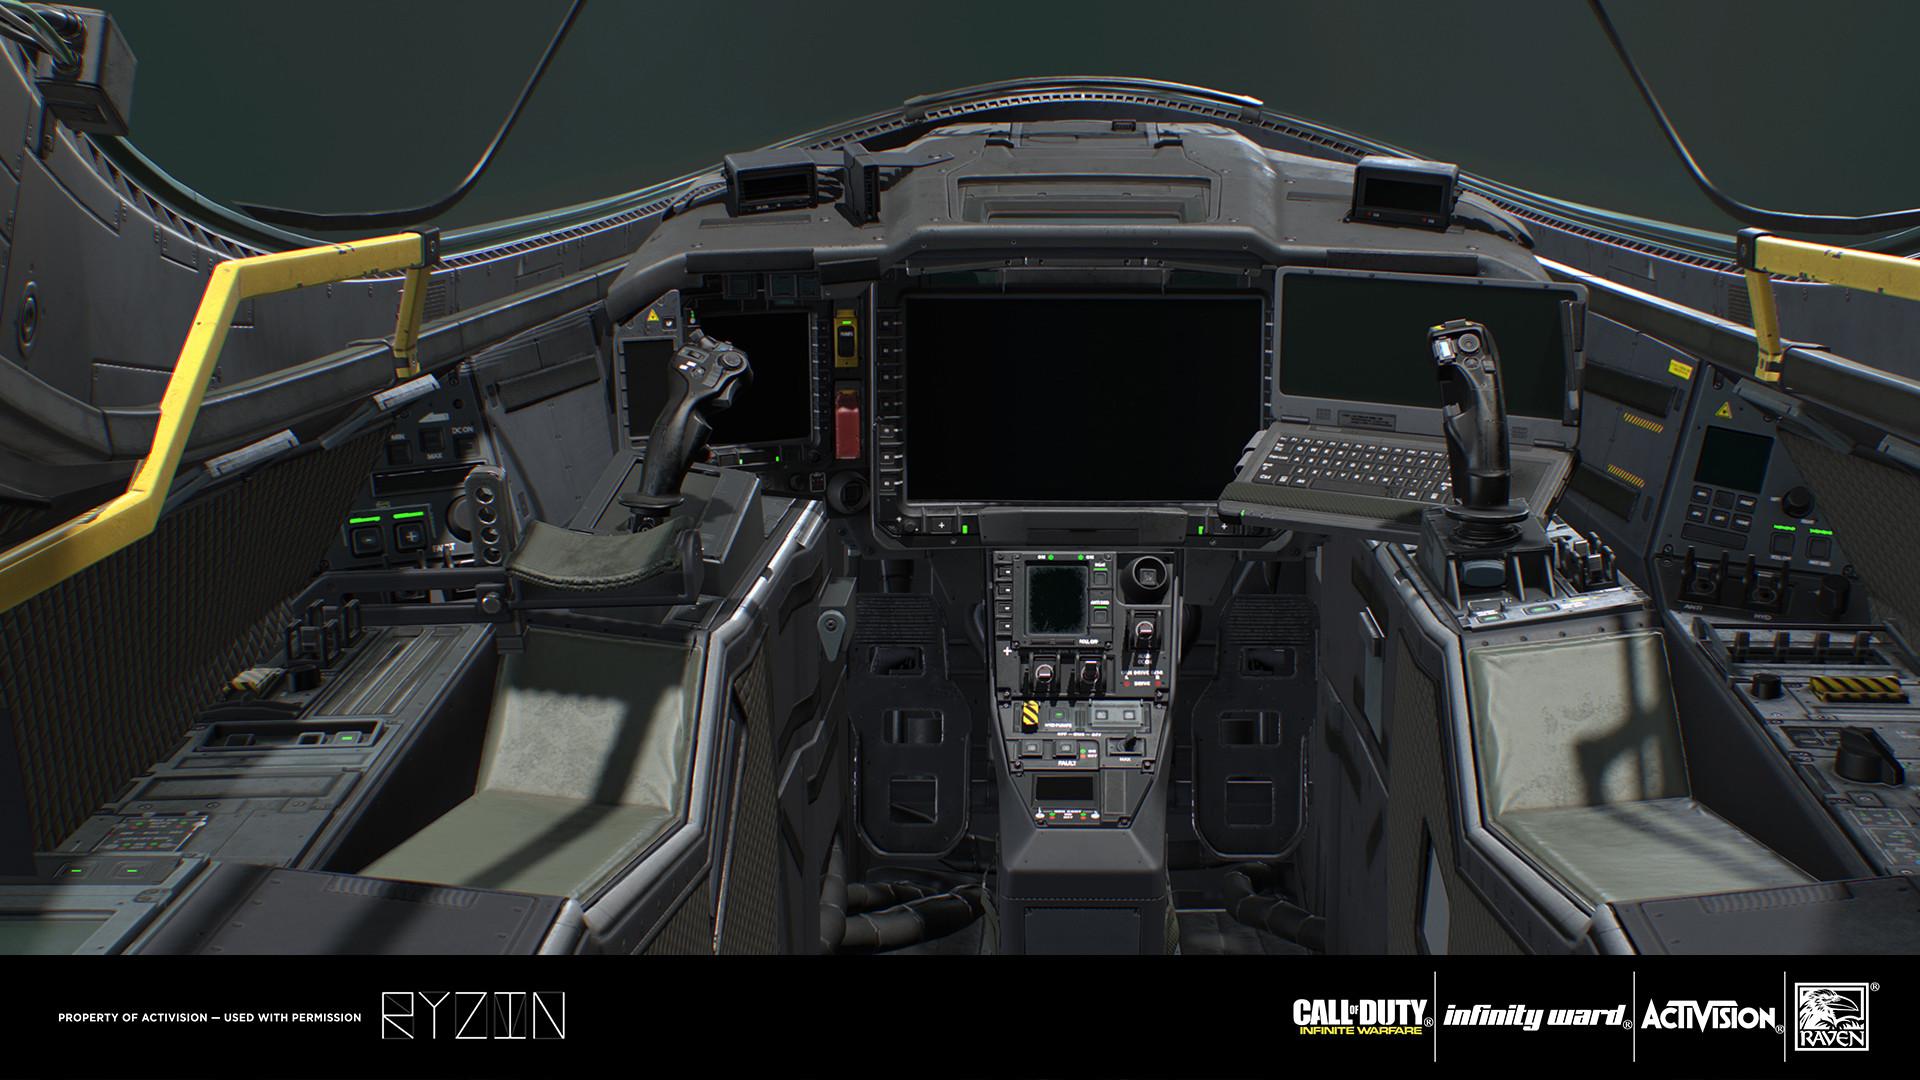 Henrique lopes cockpit03